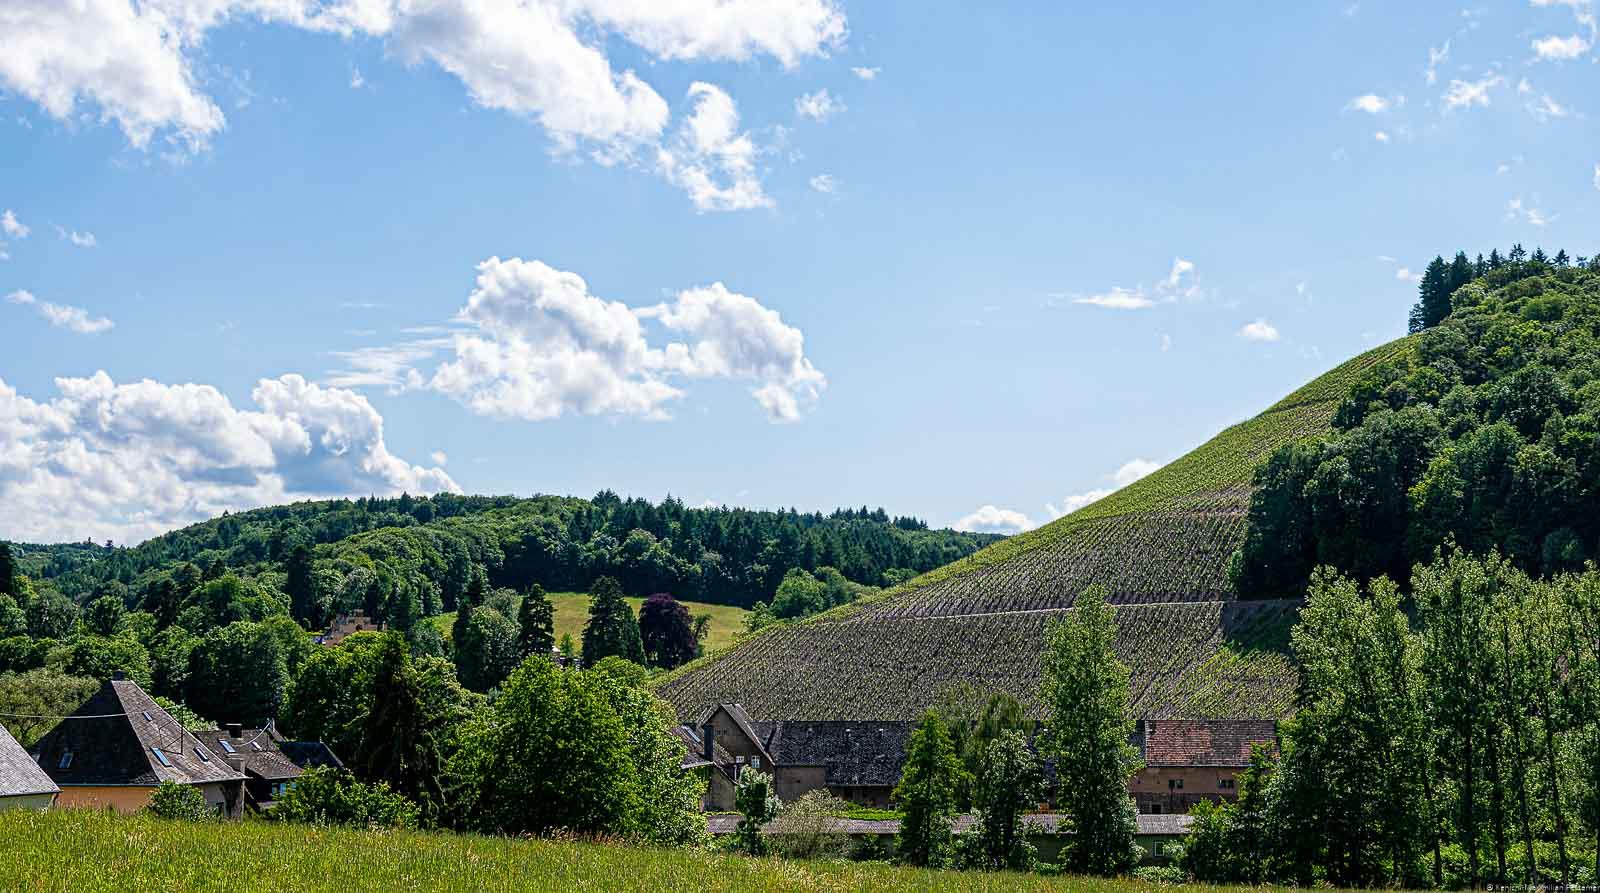 Weinberg Brüderberg hinter Ort umgeben von Wald mit wenigen Wolken am blauen Himmel